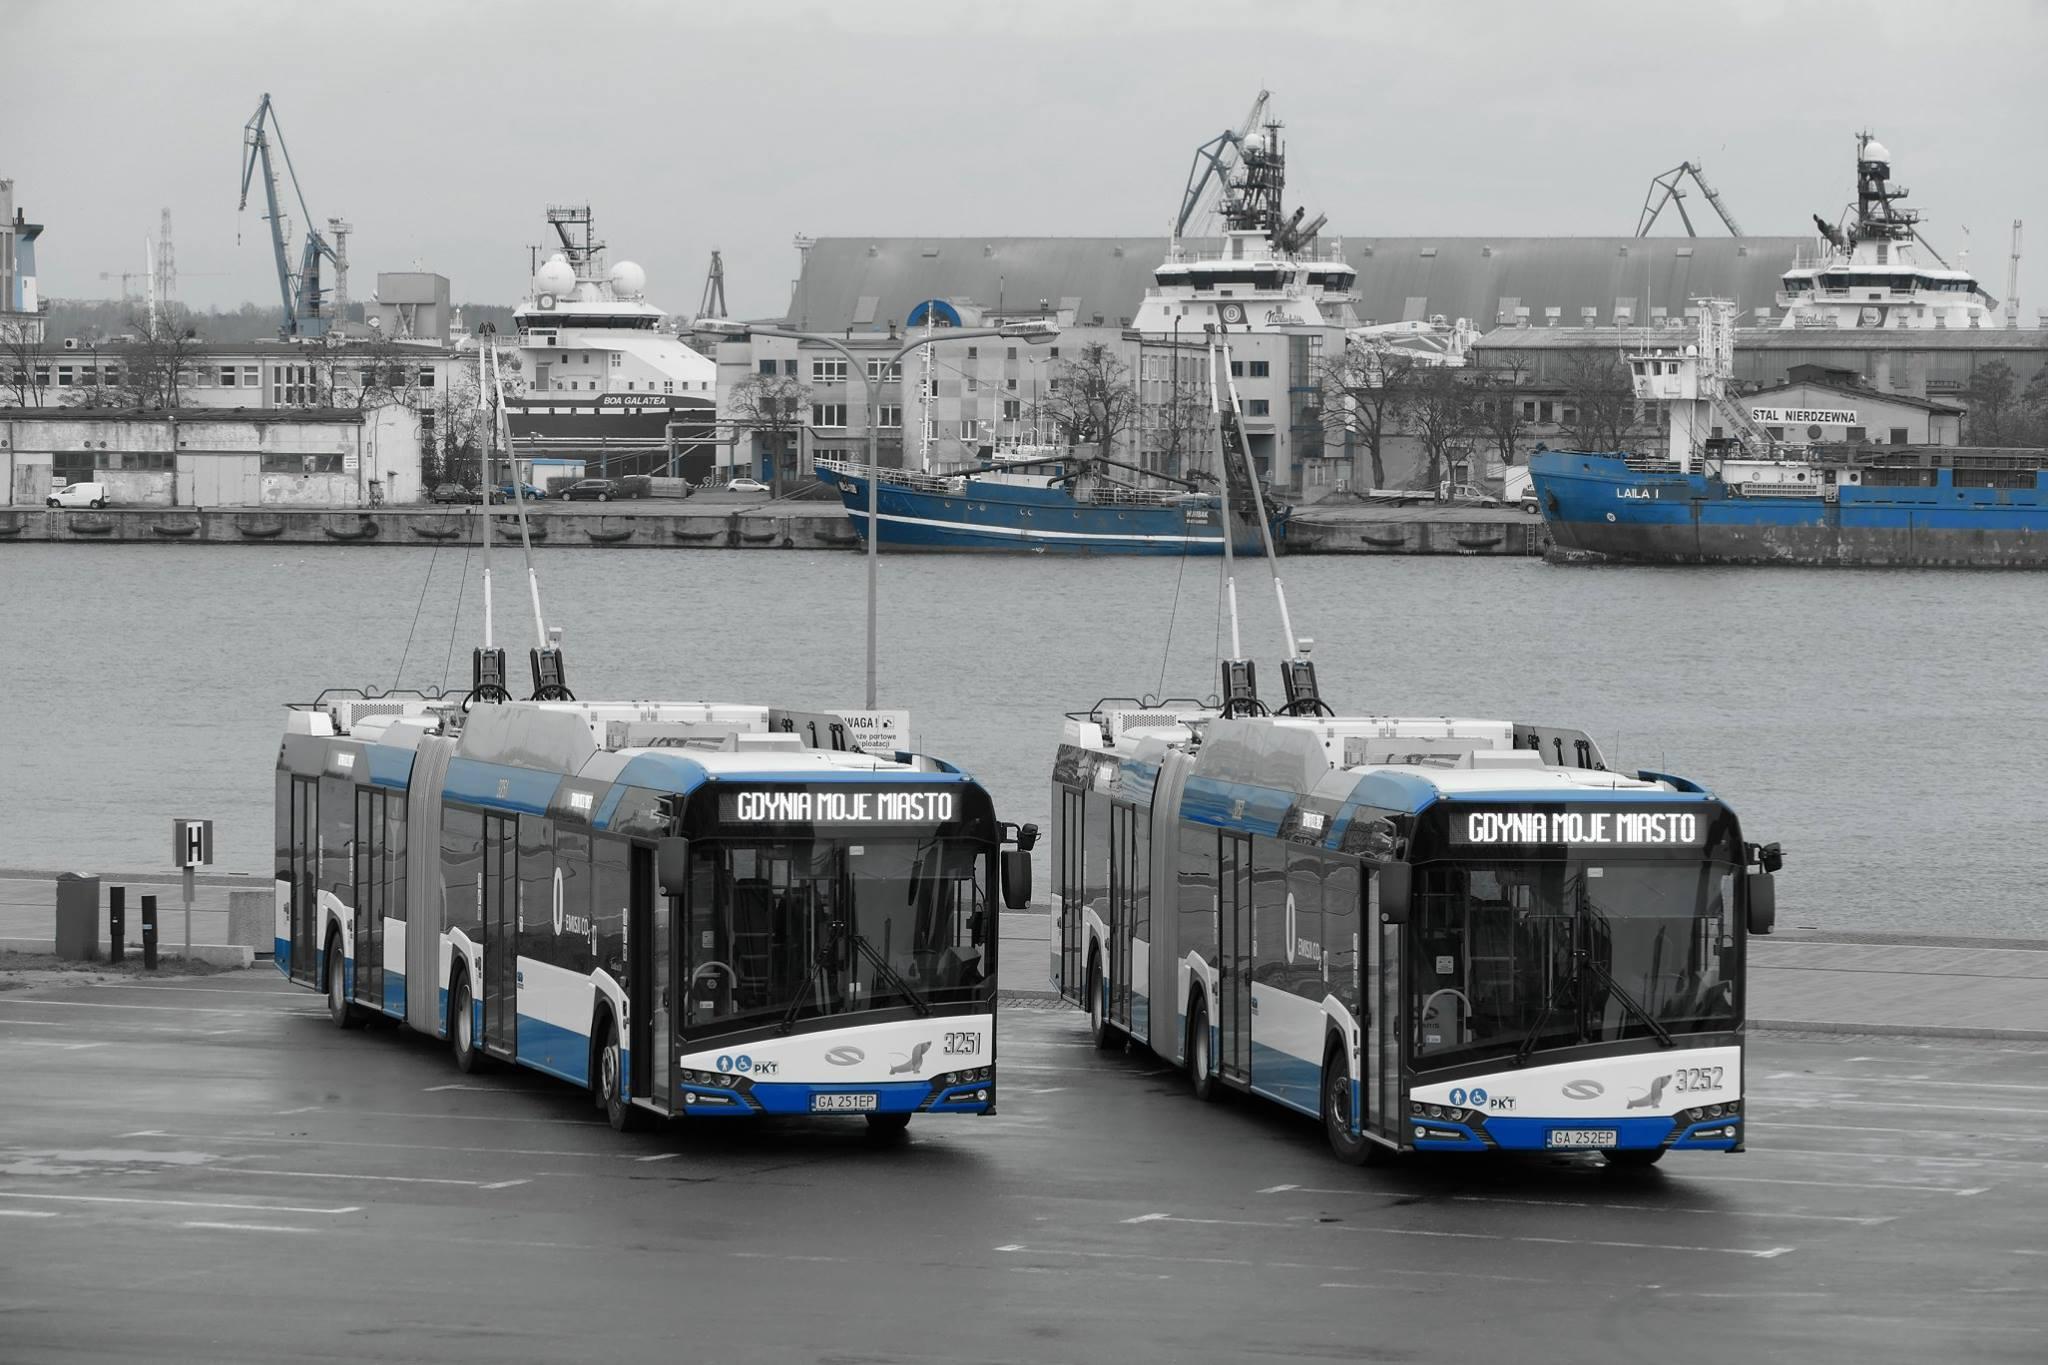 Ještě jeden pohled na nové trolejbusy v přístavu. (foto: ZKM Gdynia)